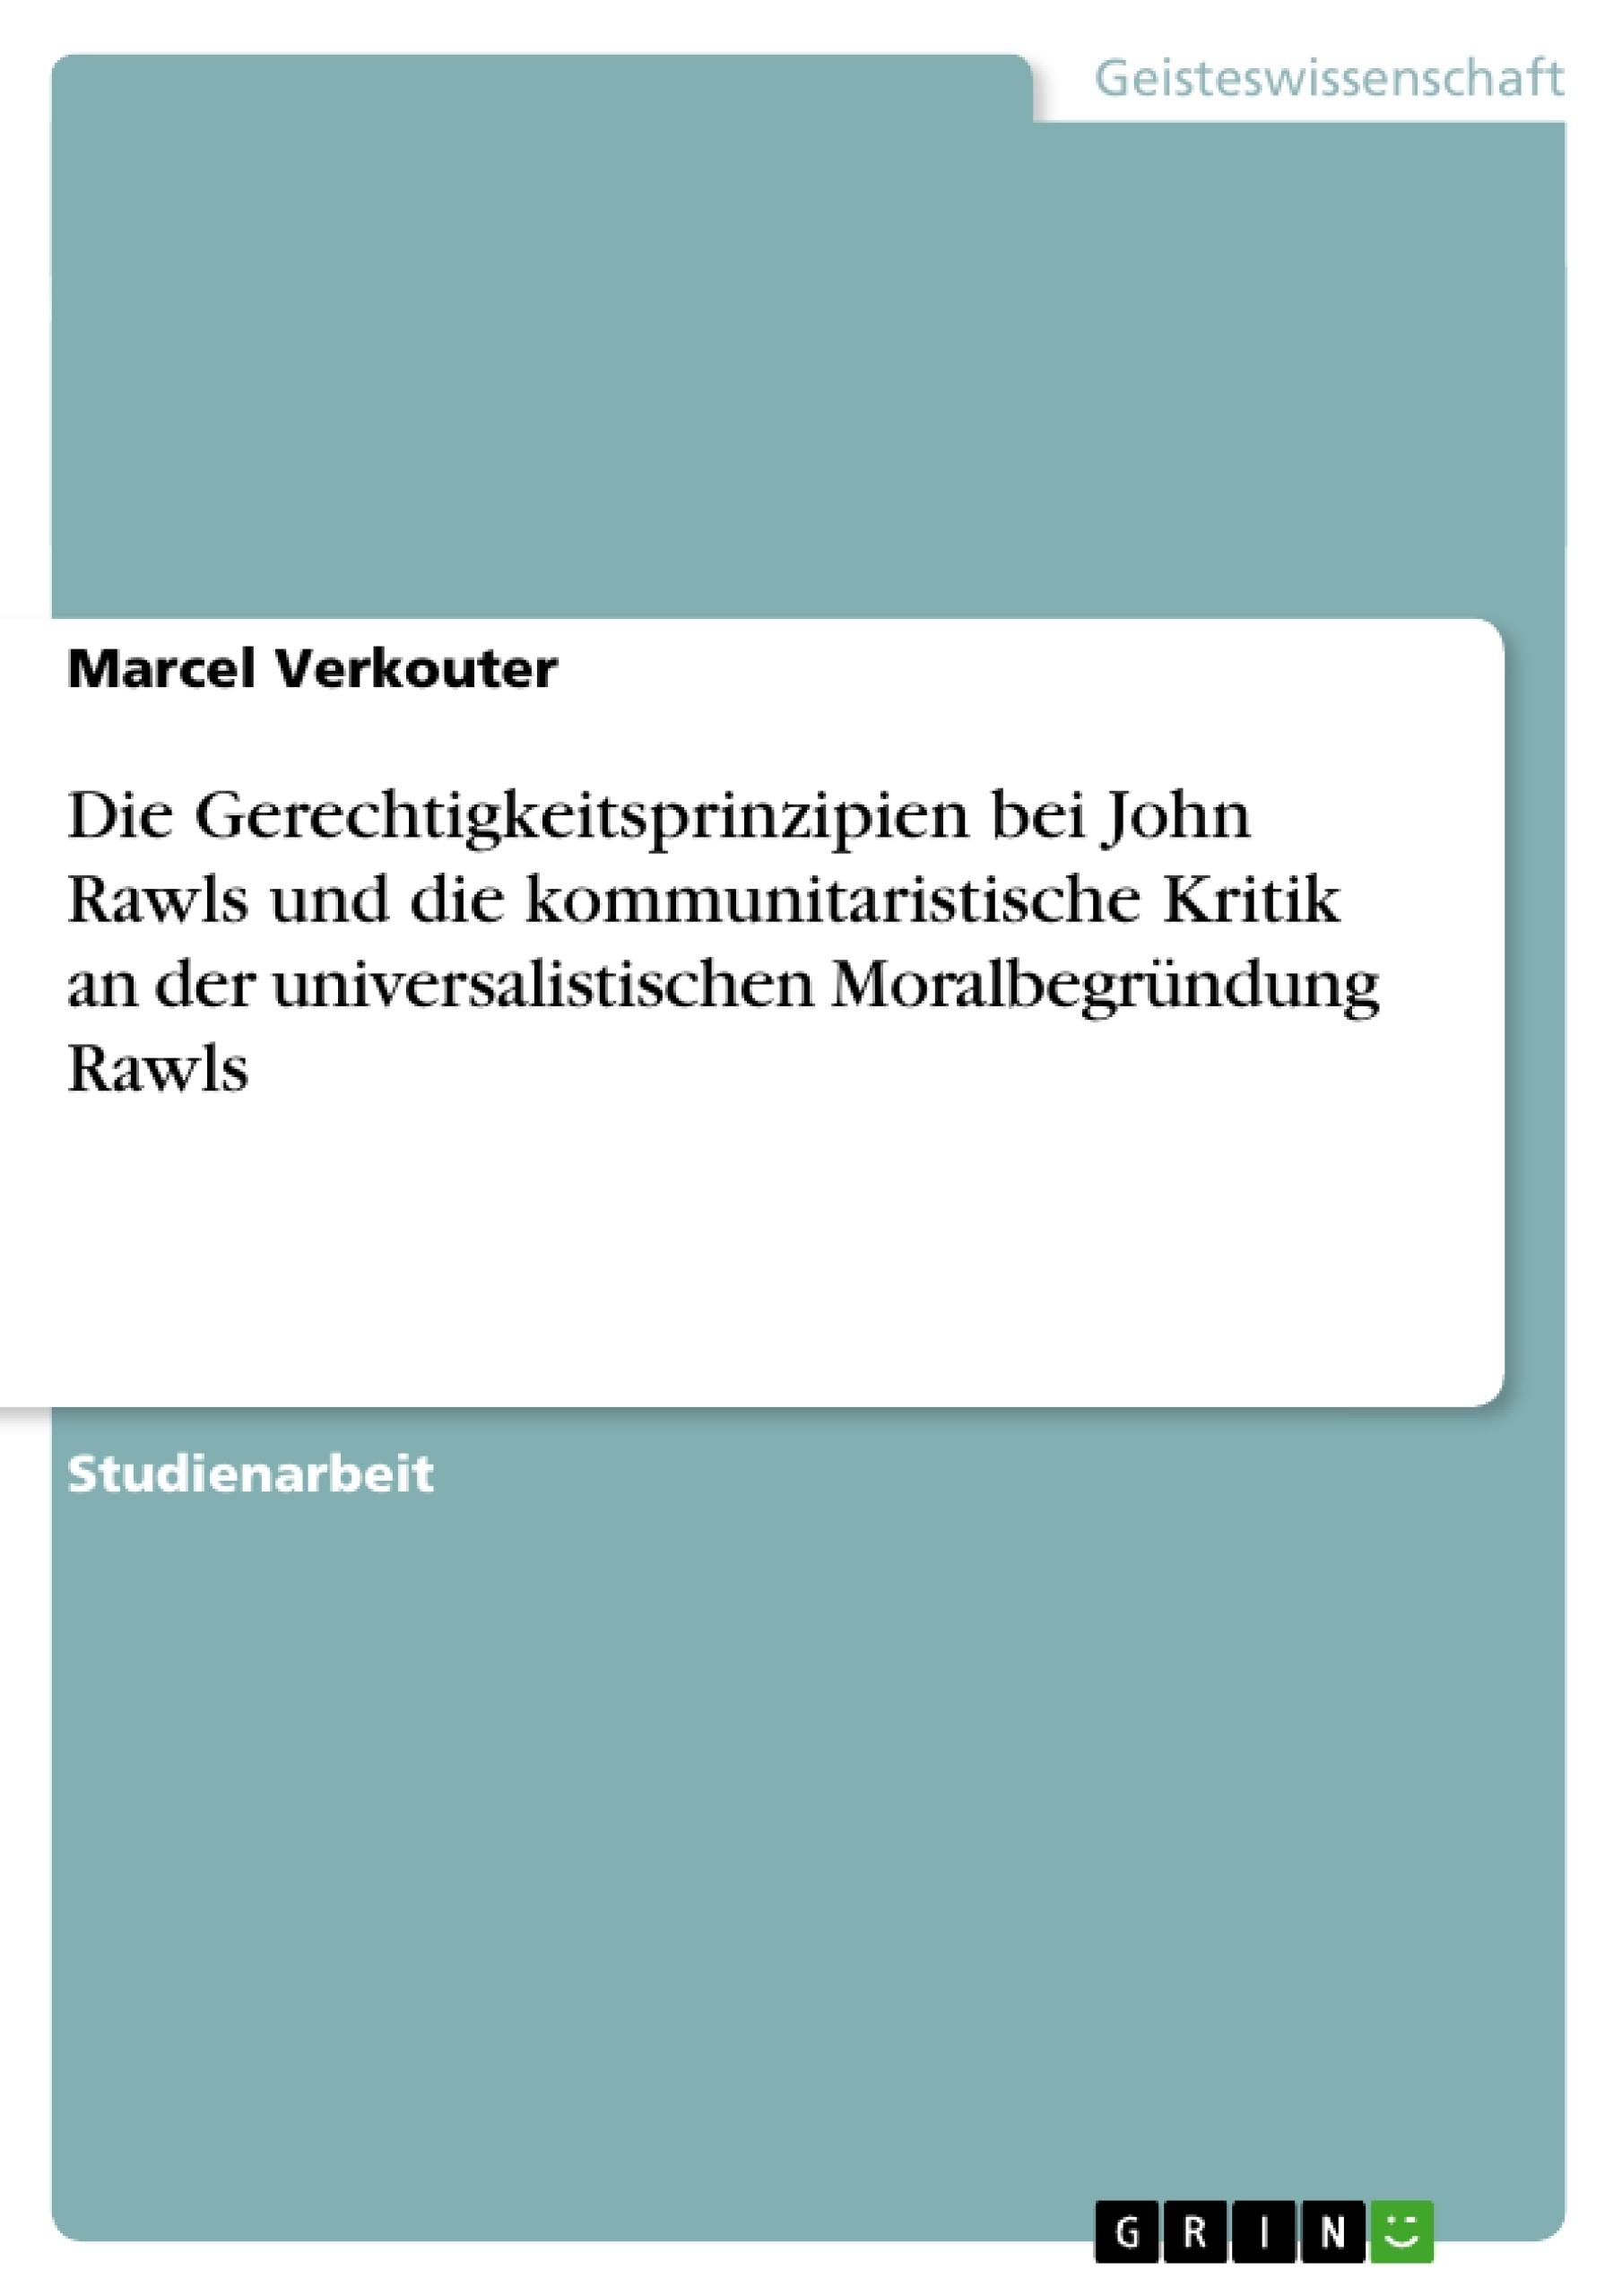 Titel: Die Gerechtigkeitsprinzipien bei John Rawls und die kommunitaristische Kritik an der universalistischen Moralbegründung Rawls